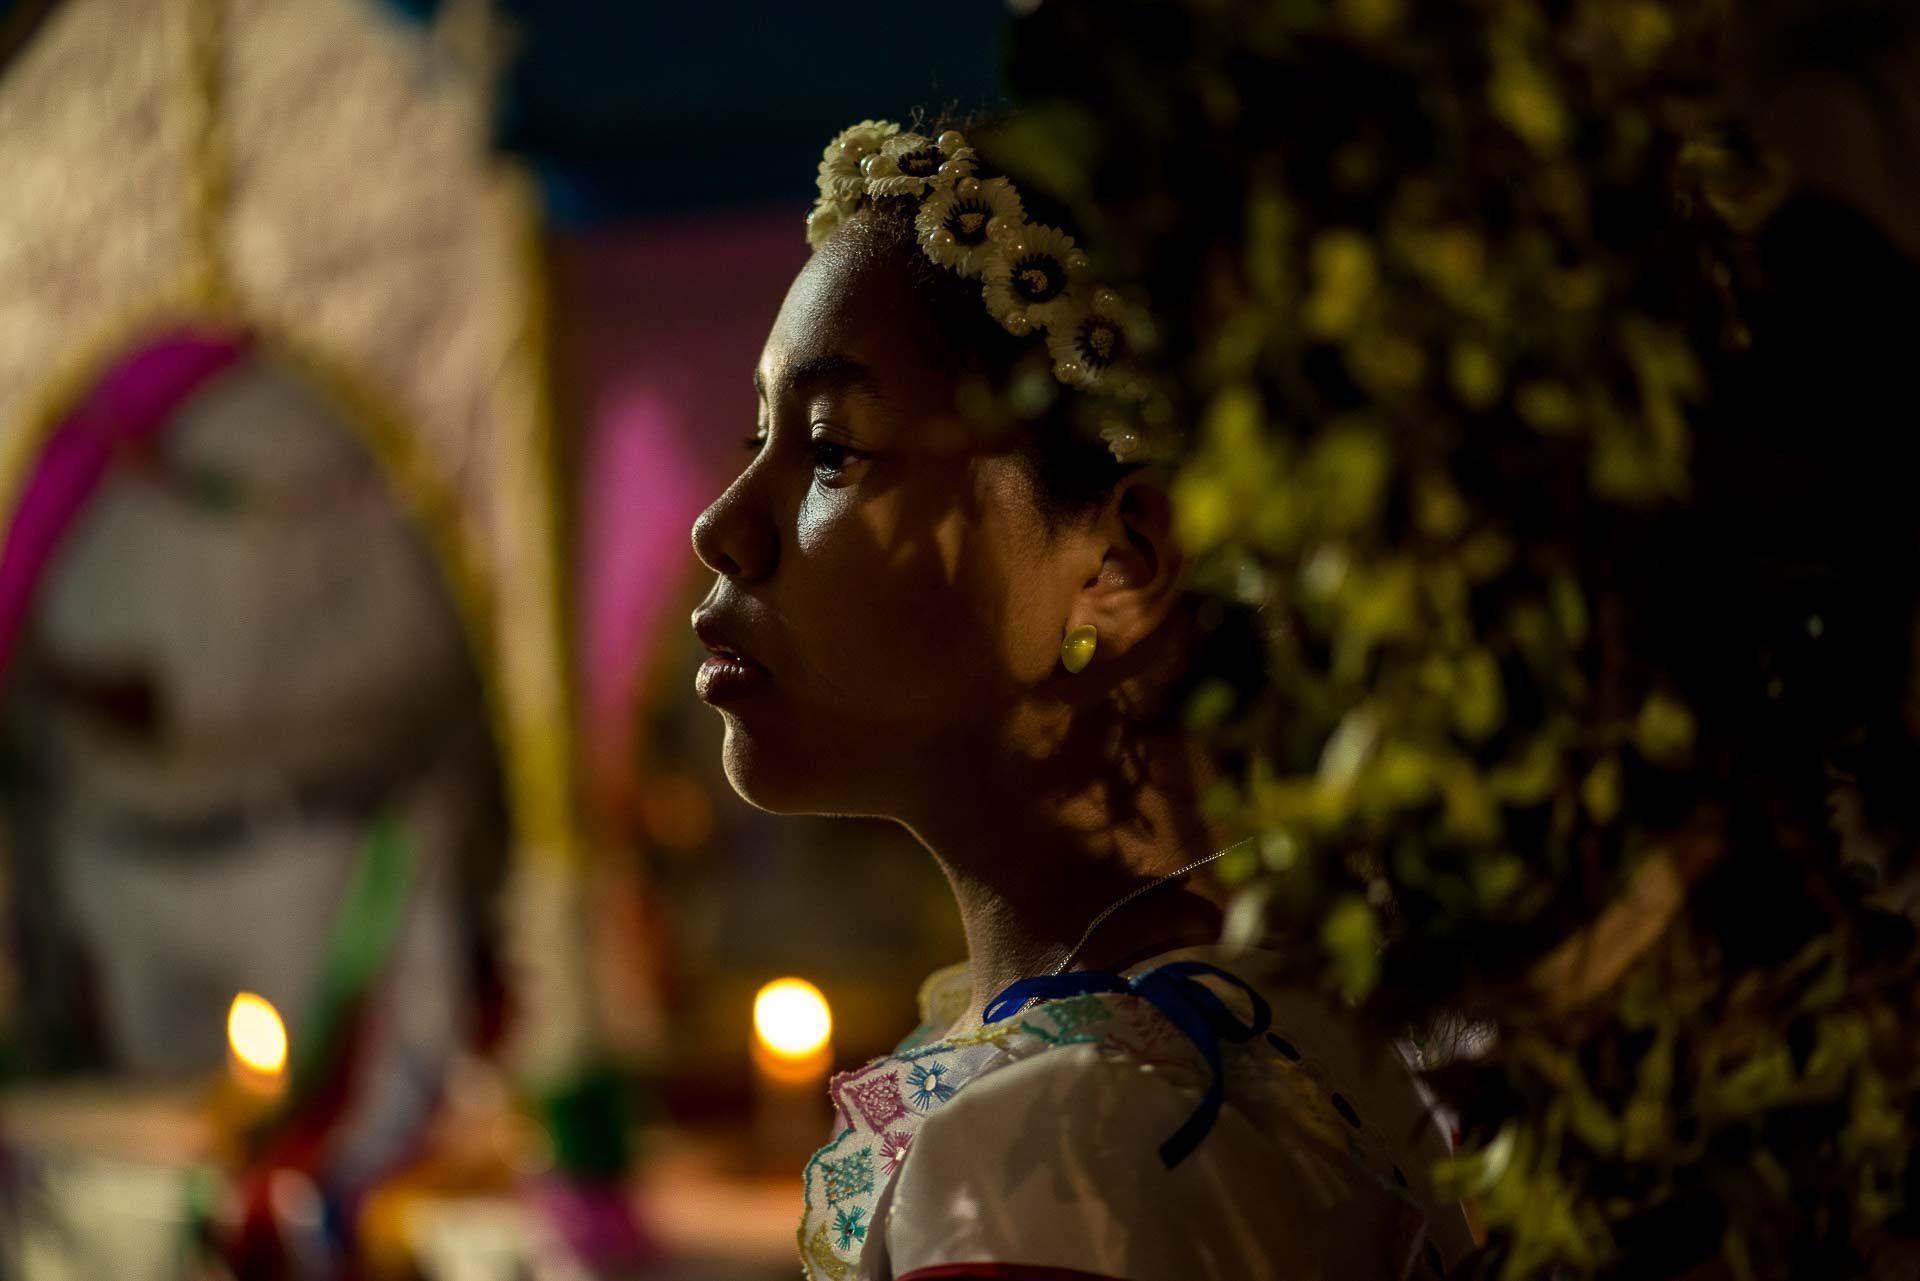 Festa religiosa - Çairé 2015 em Alter do Chão